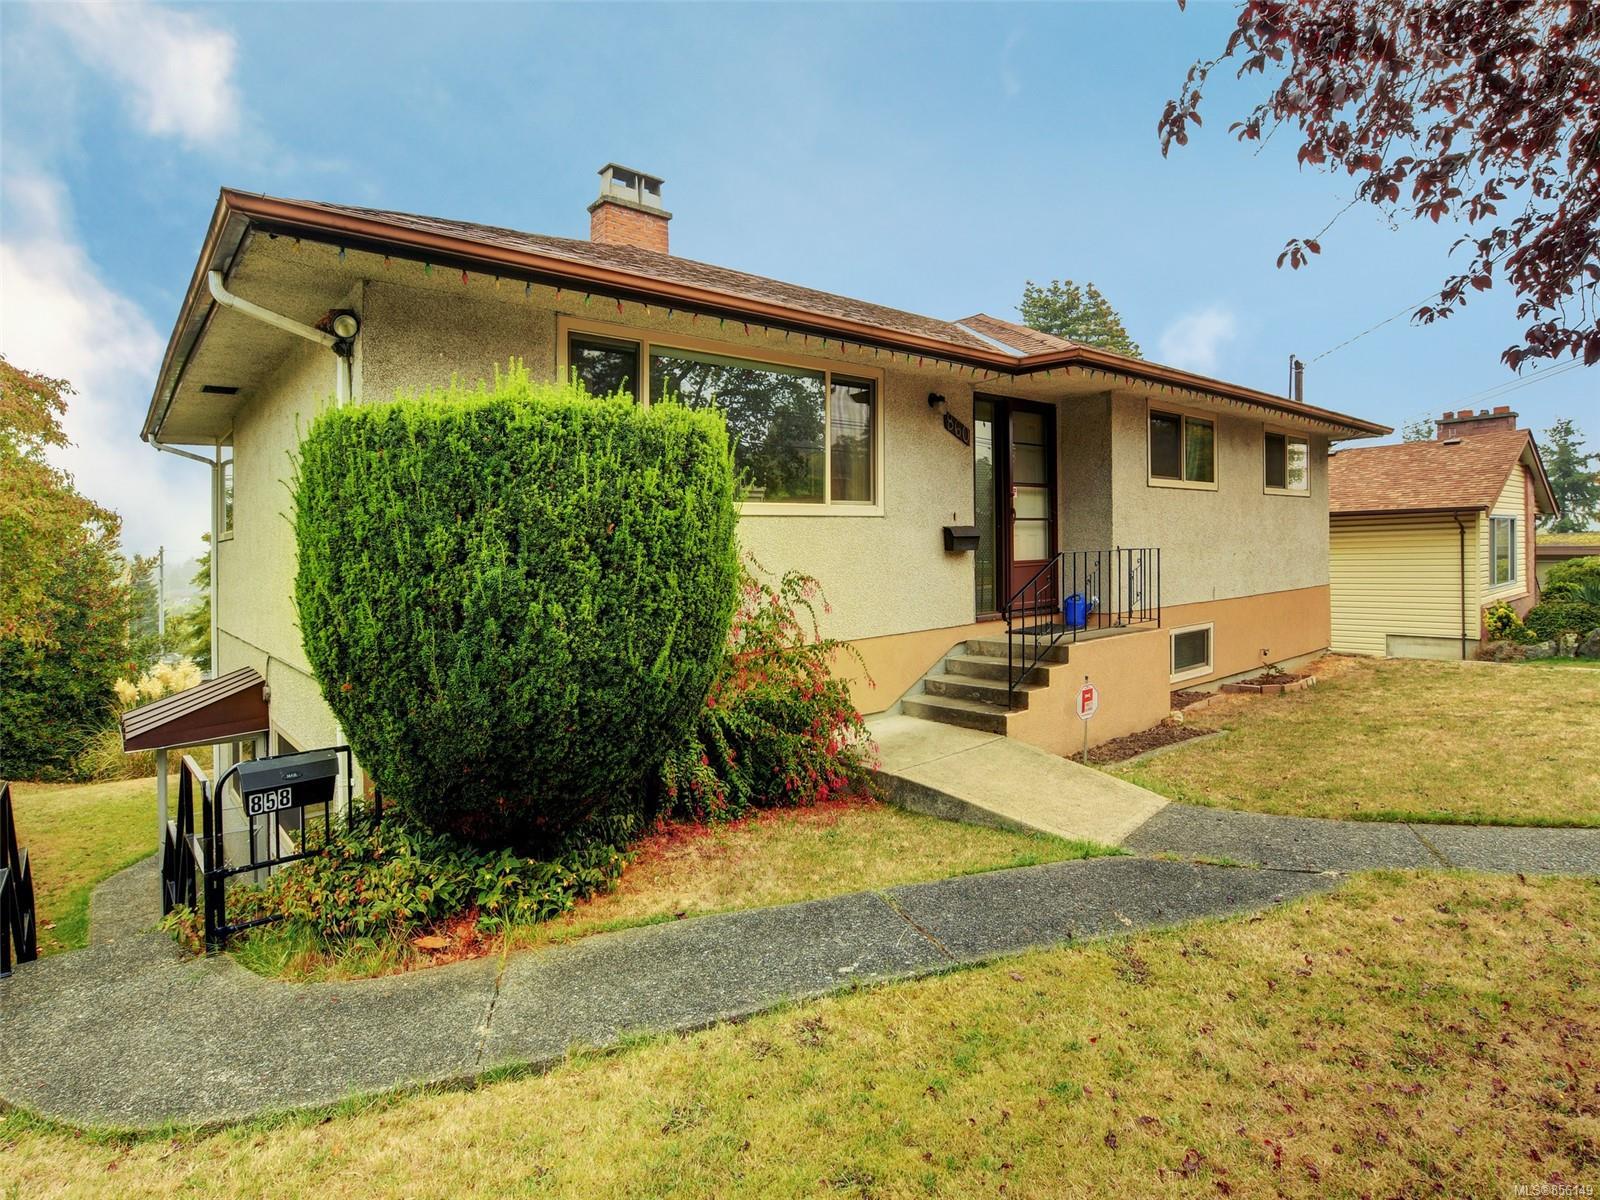 860 Rockheights Ave, Esquimalt BC V9A 6J6